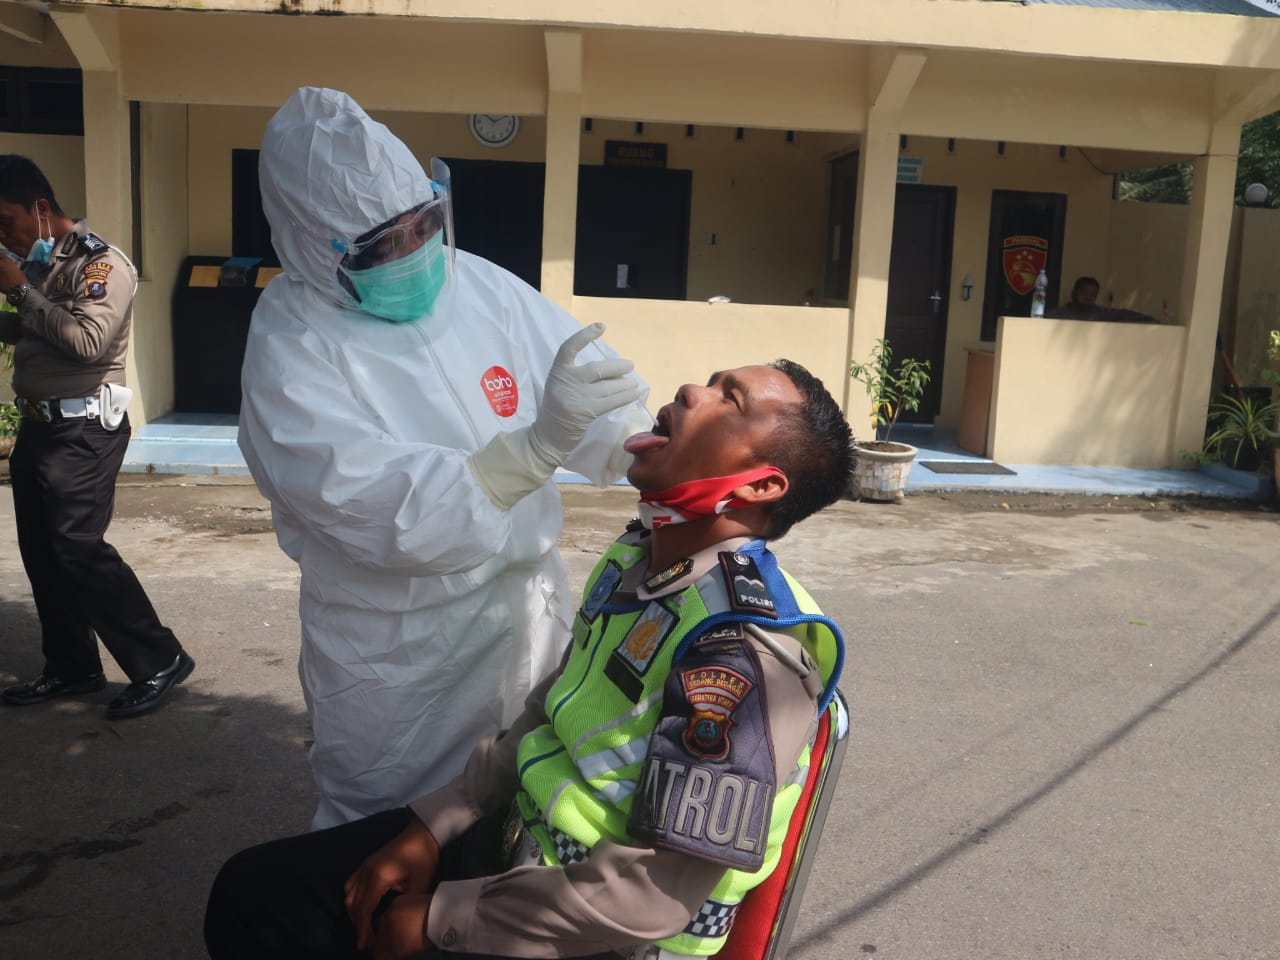 100 Personel Polres Serdang Bedagai Lakukan Swab Test